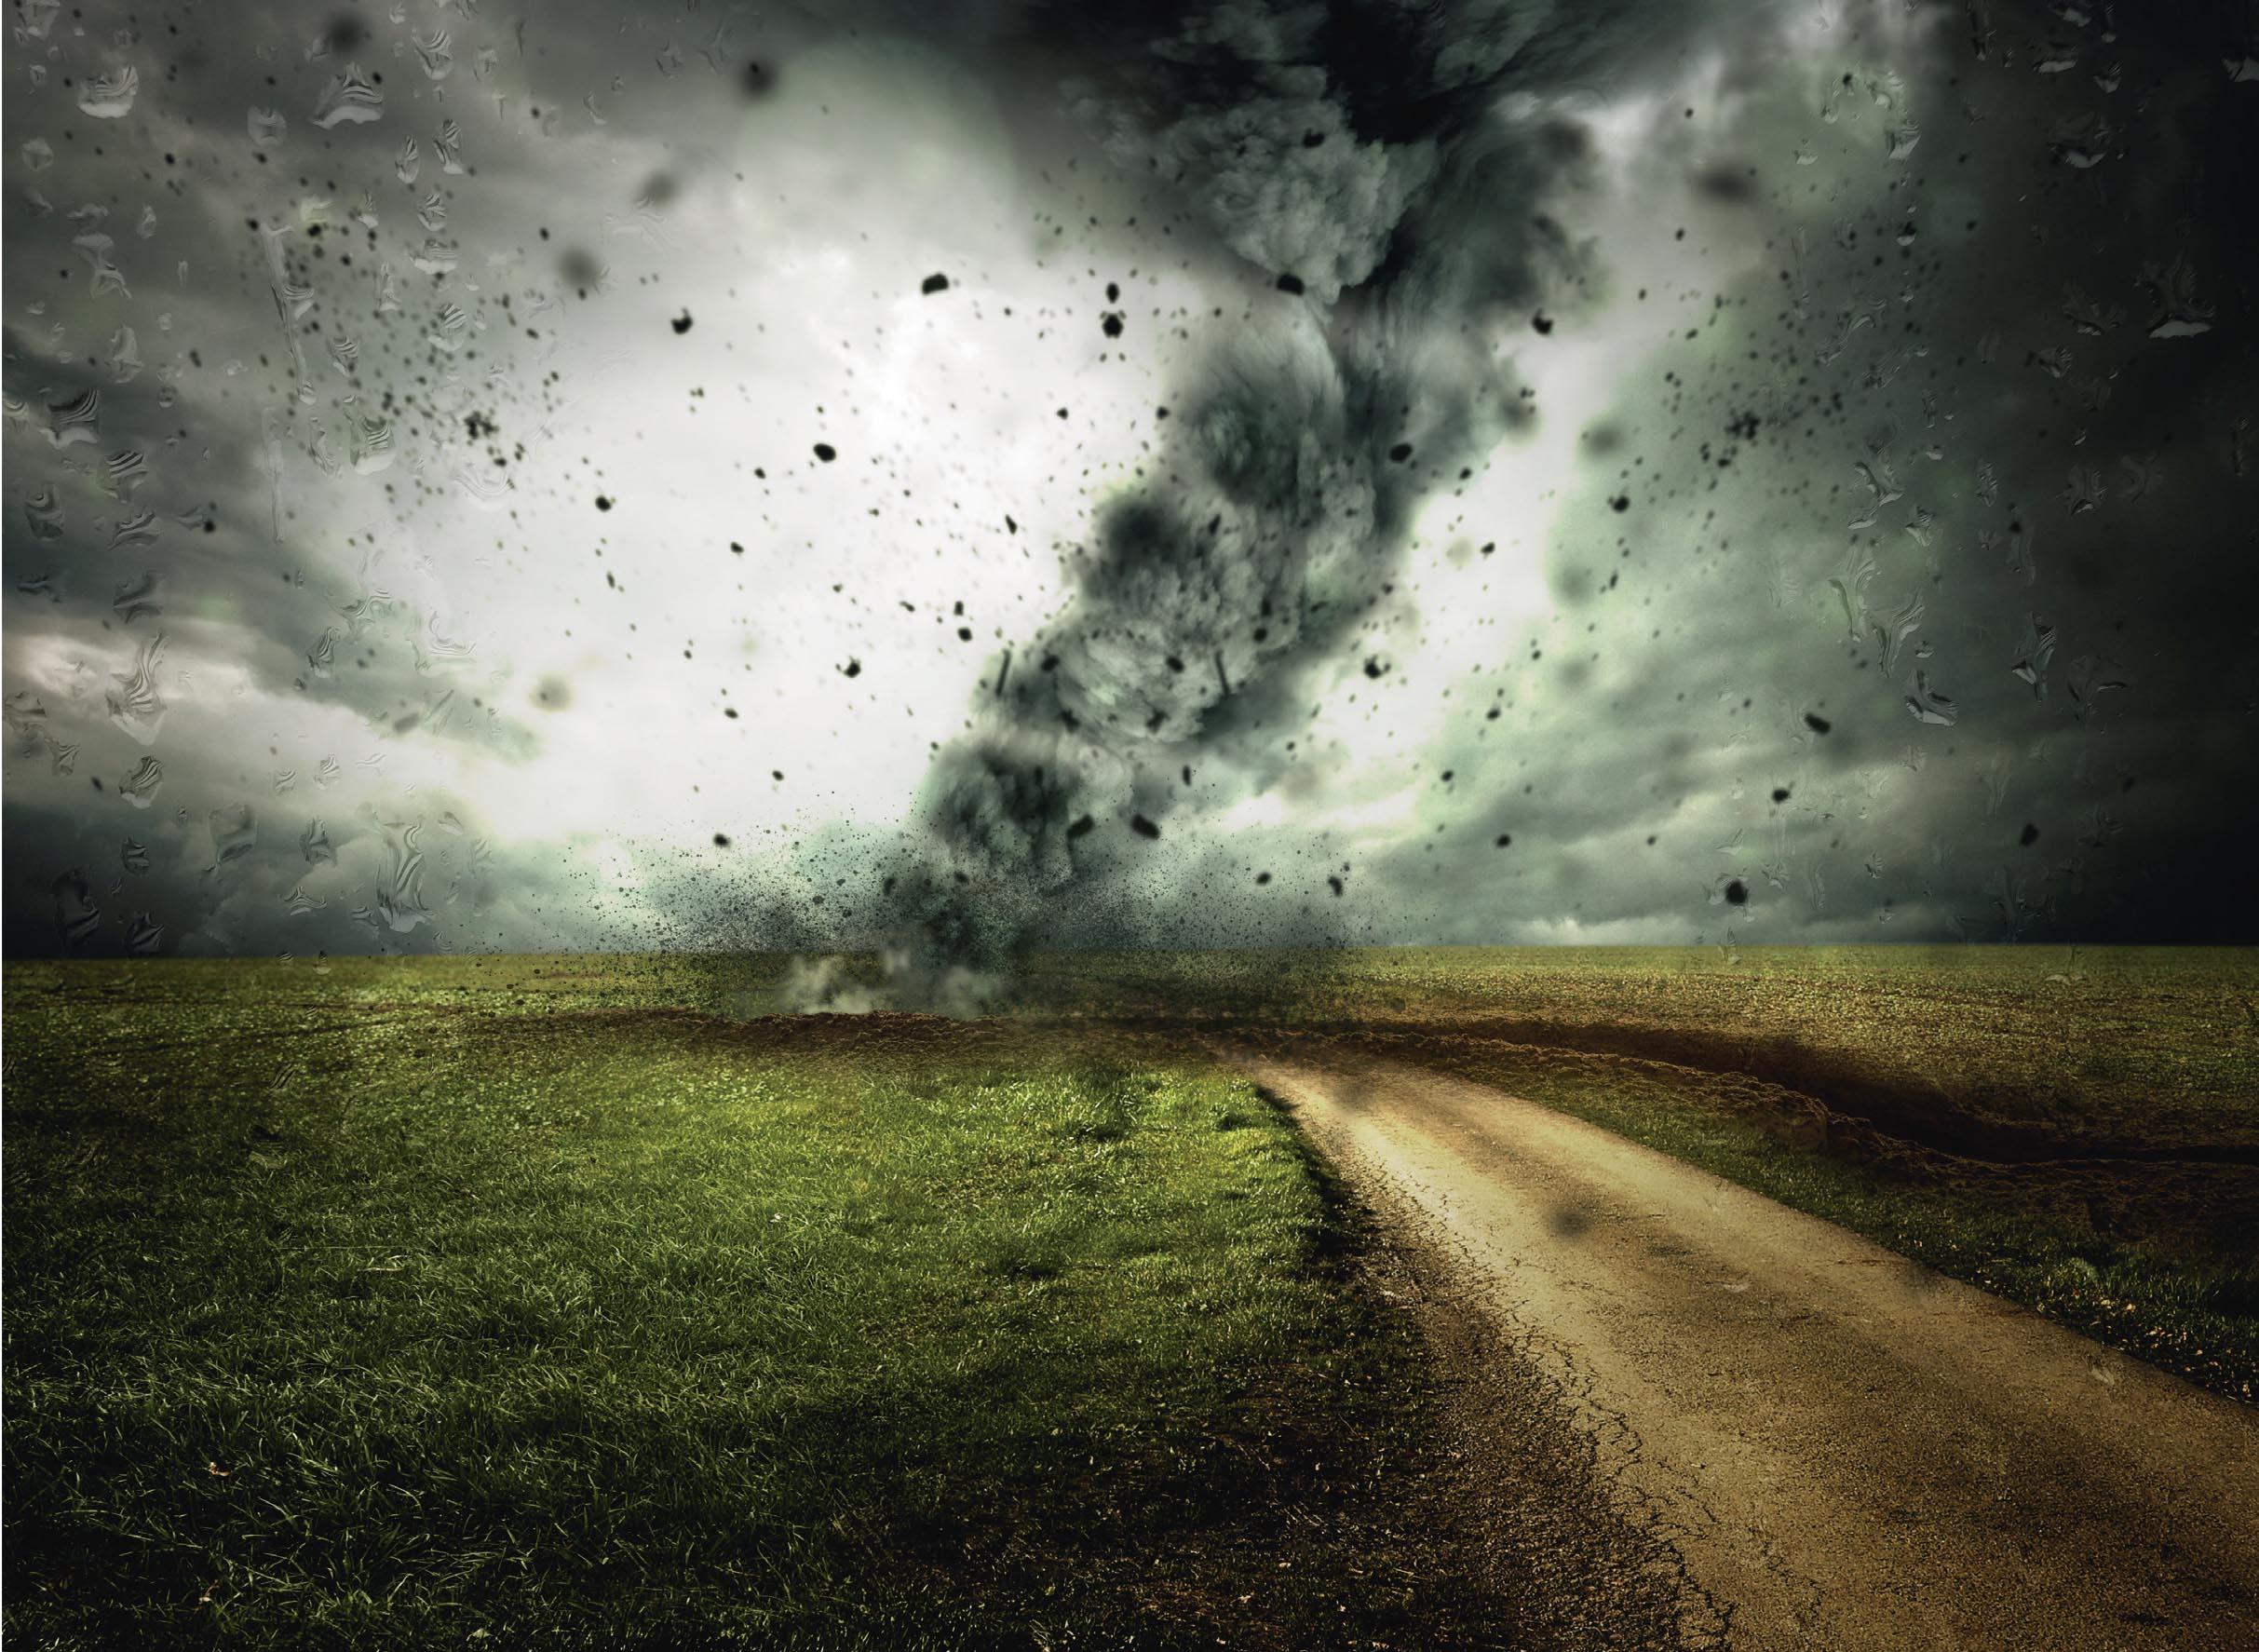 Crearon sobre nosotros una «Tormenta» para alejarnos de Dios [¿cómo saldremos?]